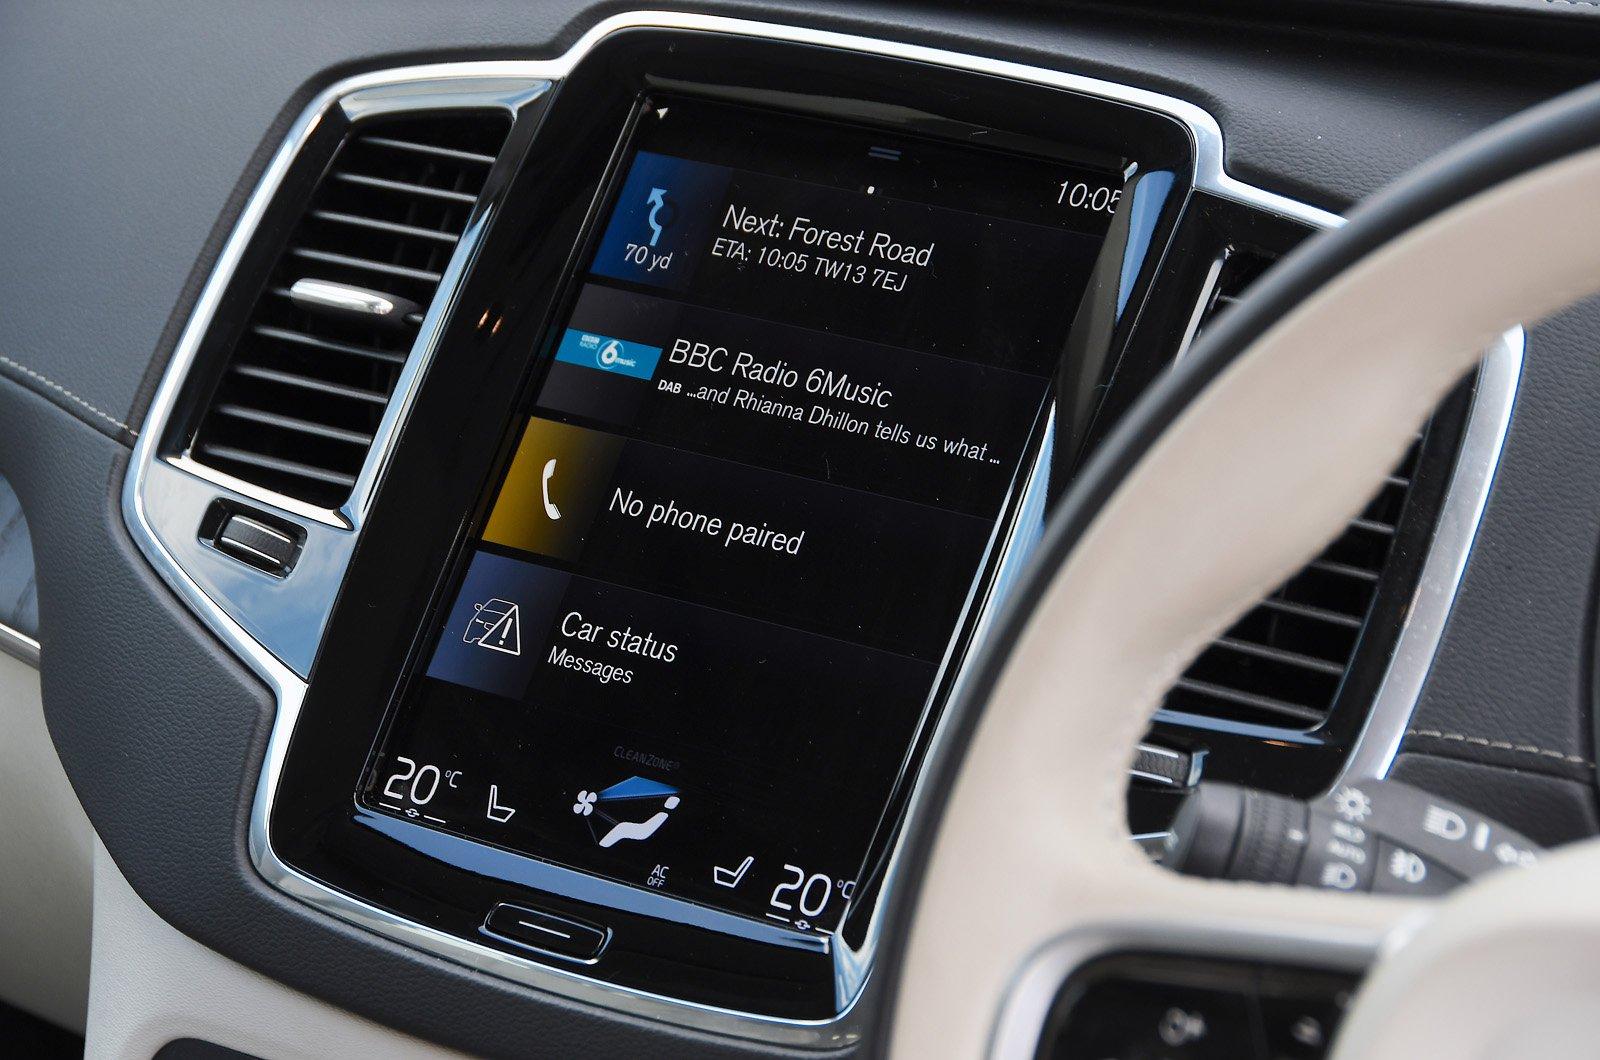 Volvo XC90 touchscreen